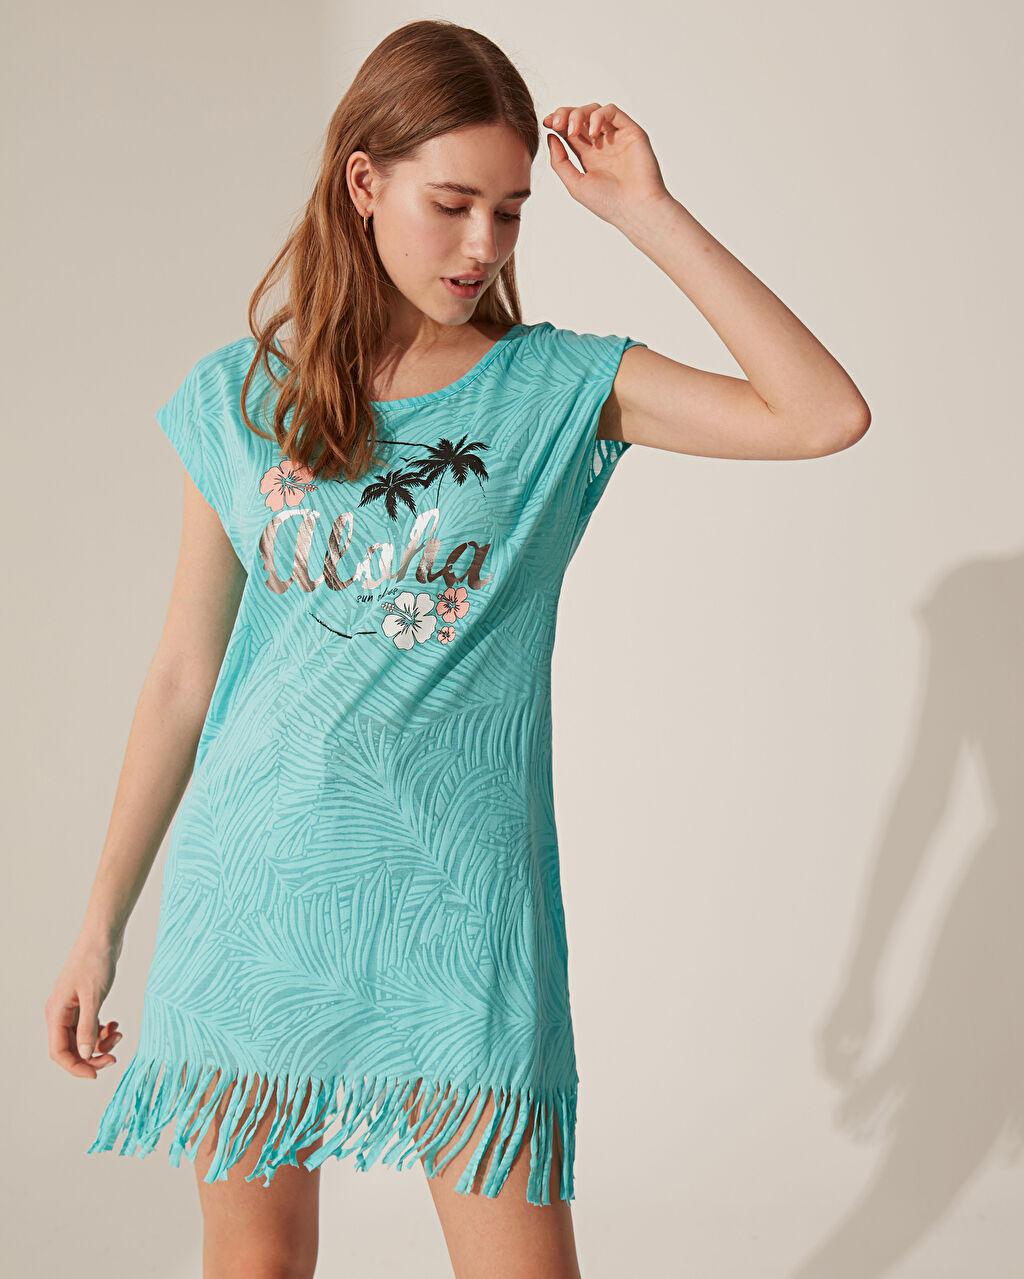 Turkuaz Püsküllü Yazı Baskılı Plaj Elbise 0S2841Z8 LC Waikiki